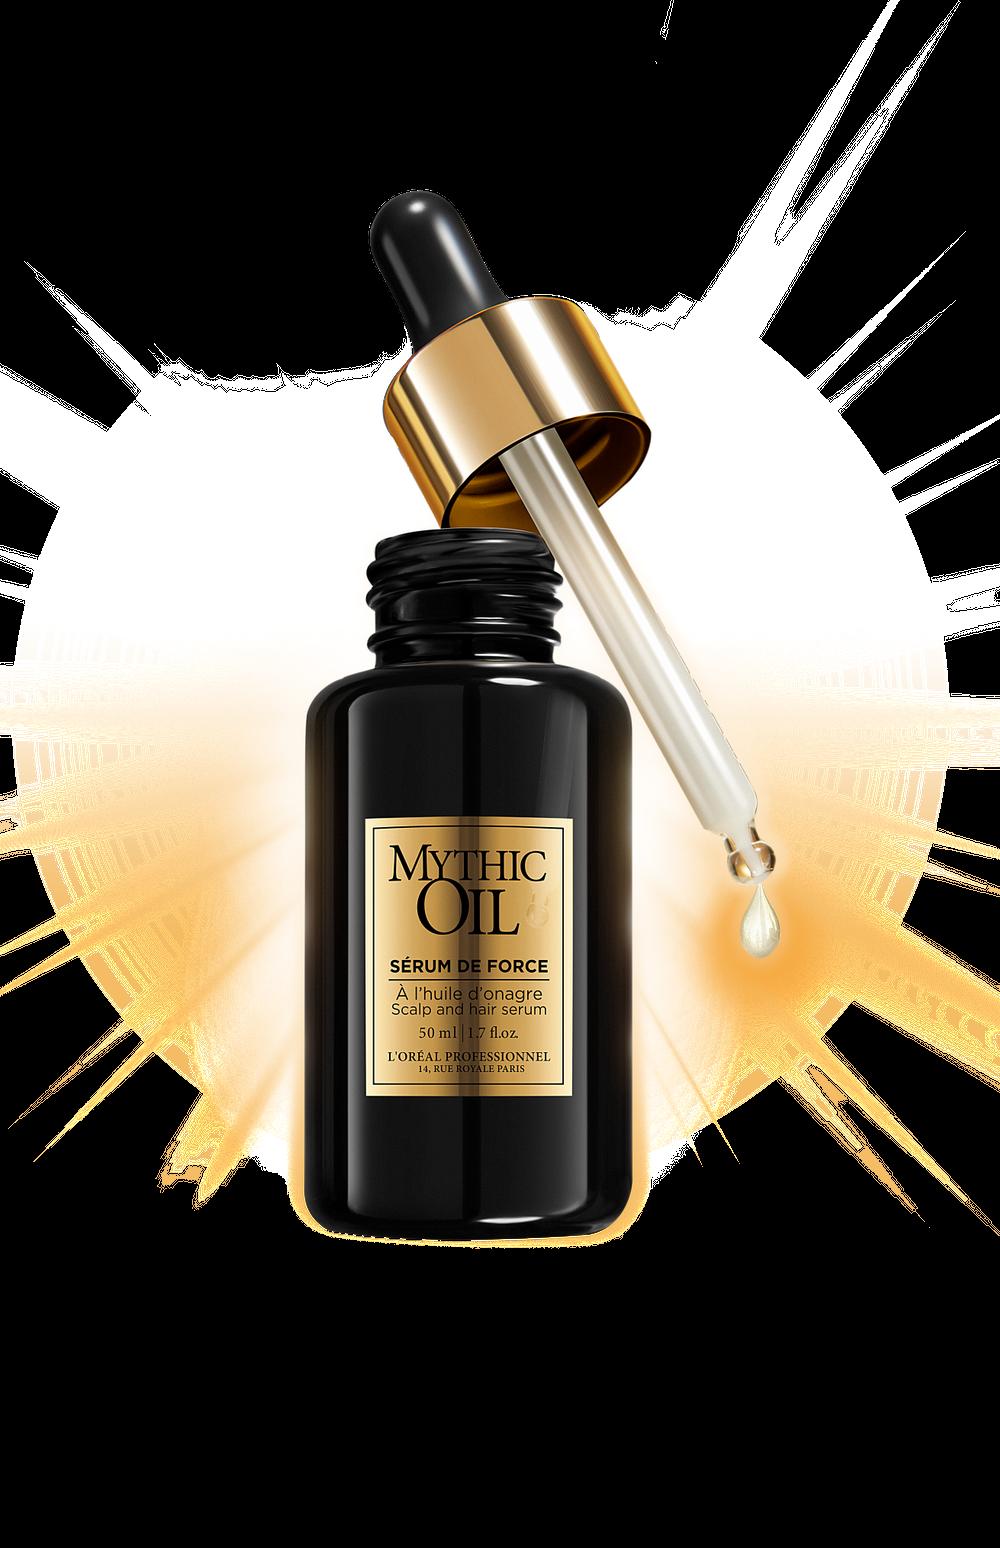 L'Oréal Professionnel Mythic Oil Sérum de Force